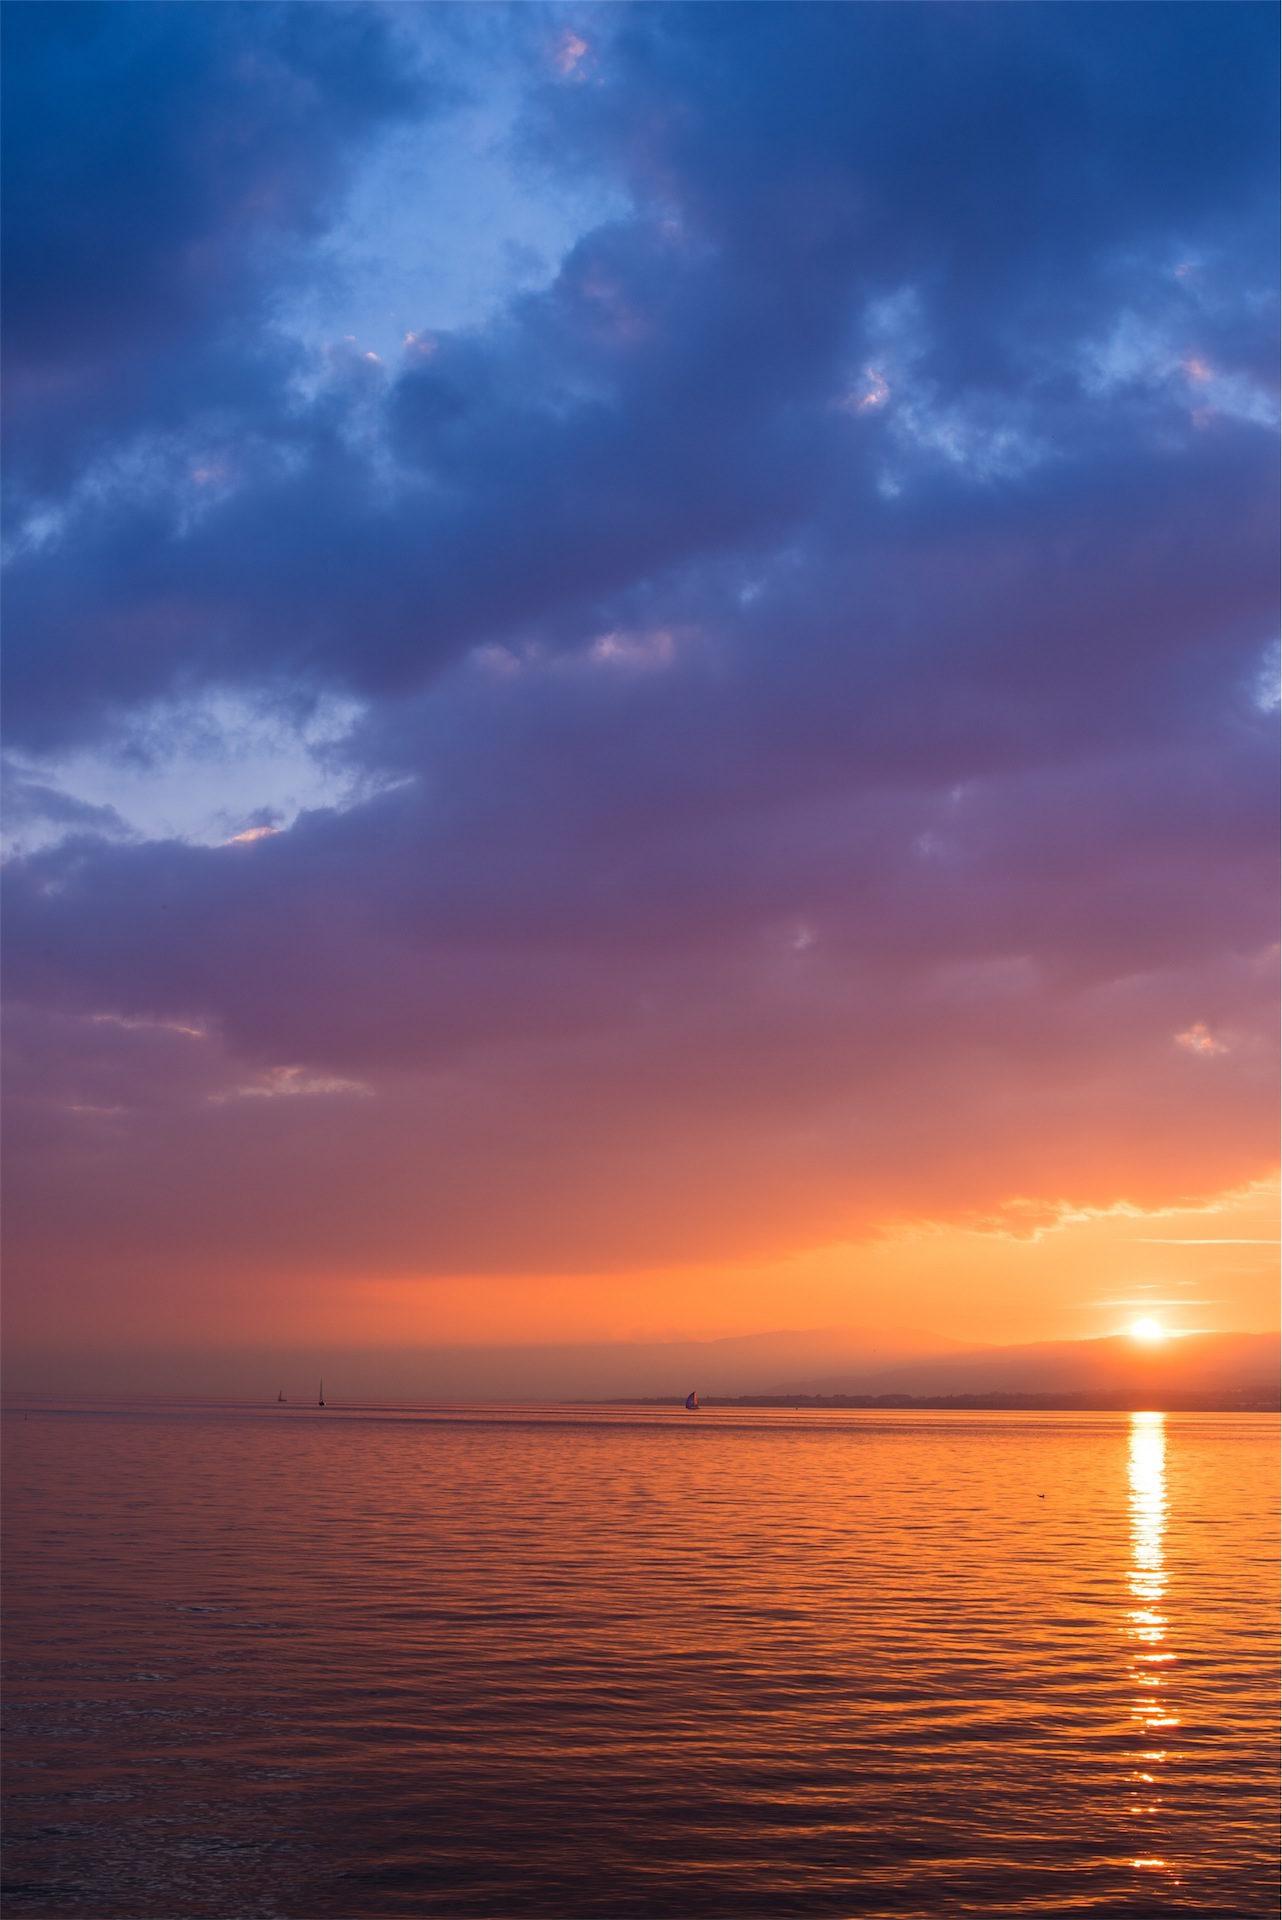 Himmel, Sonnenuntergang, Wolken, bunte, Meer - Wallpaper HD - Prof.-falken.com